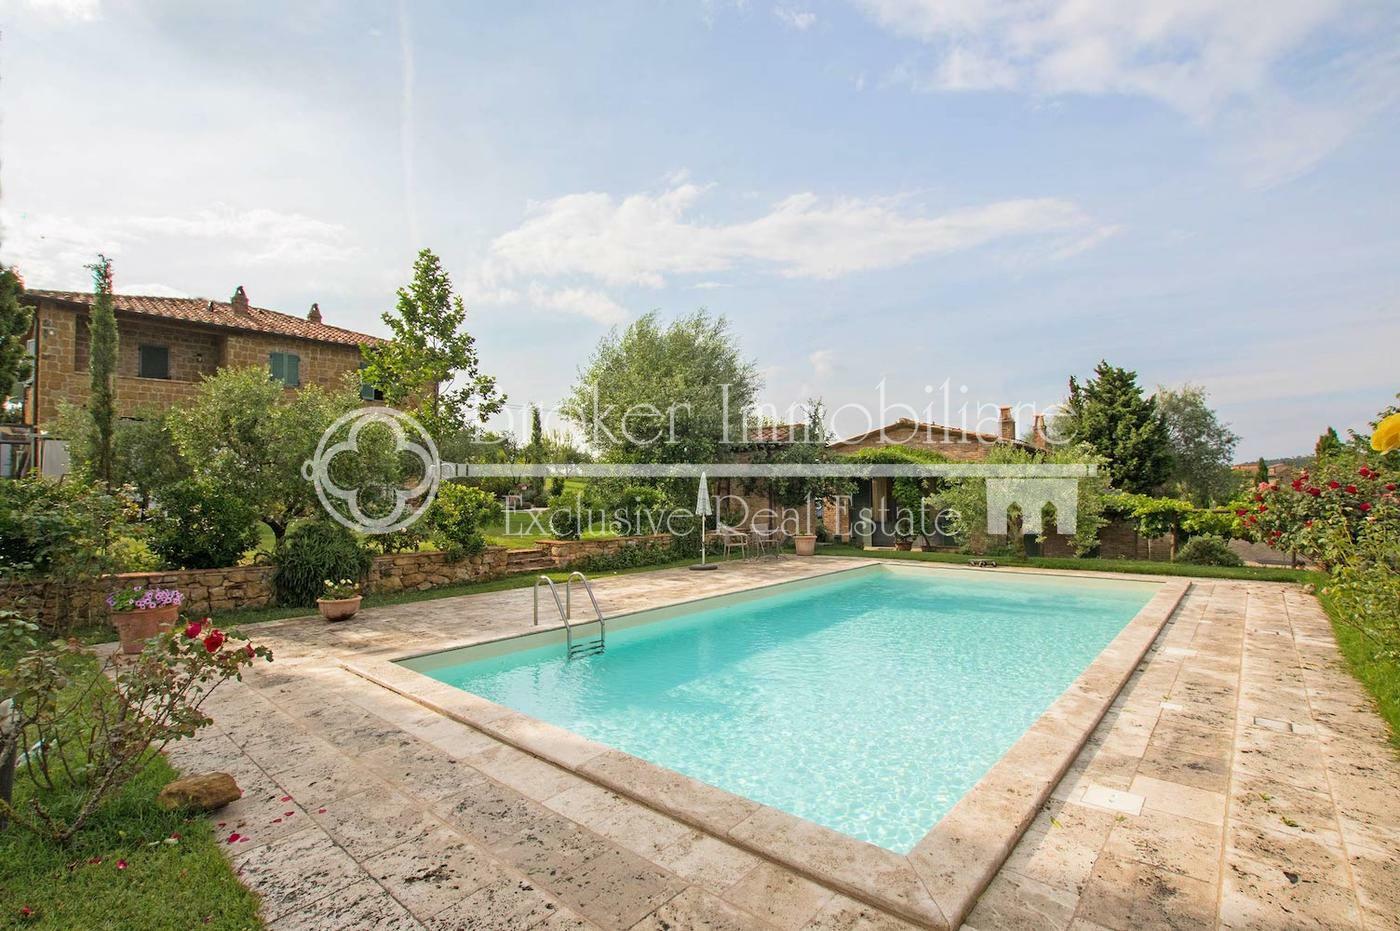 Casale di prestigio in vendita in Val D'Orcia, Toscana, con vista su Pienza e Monticchiello